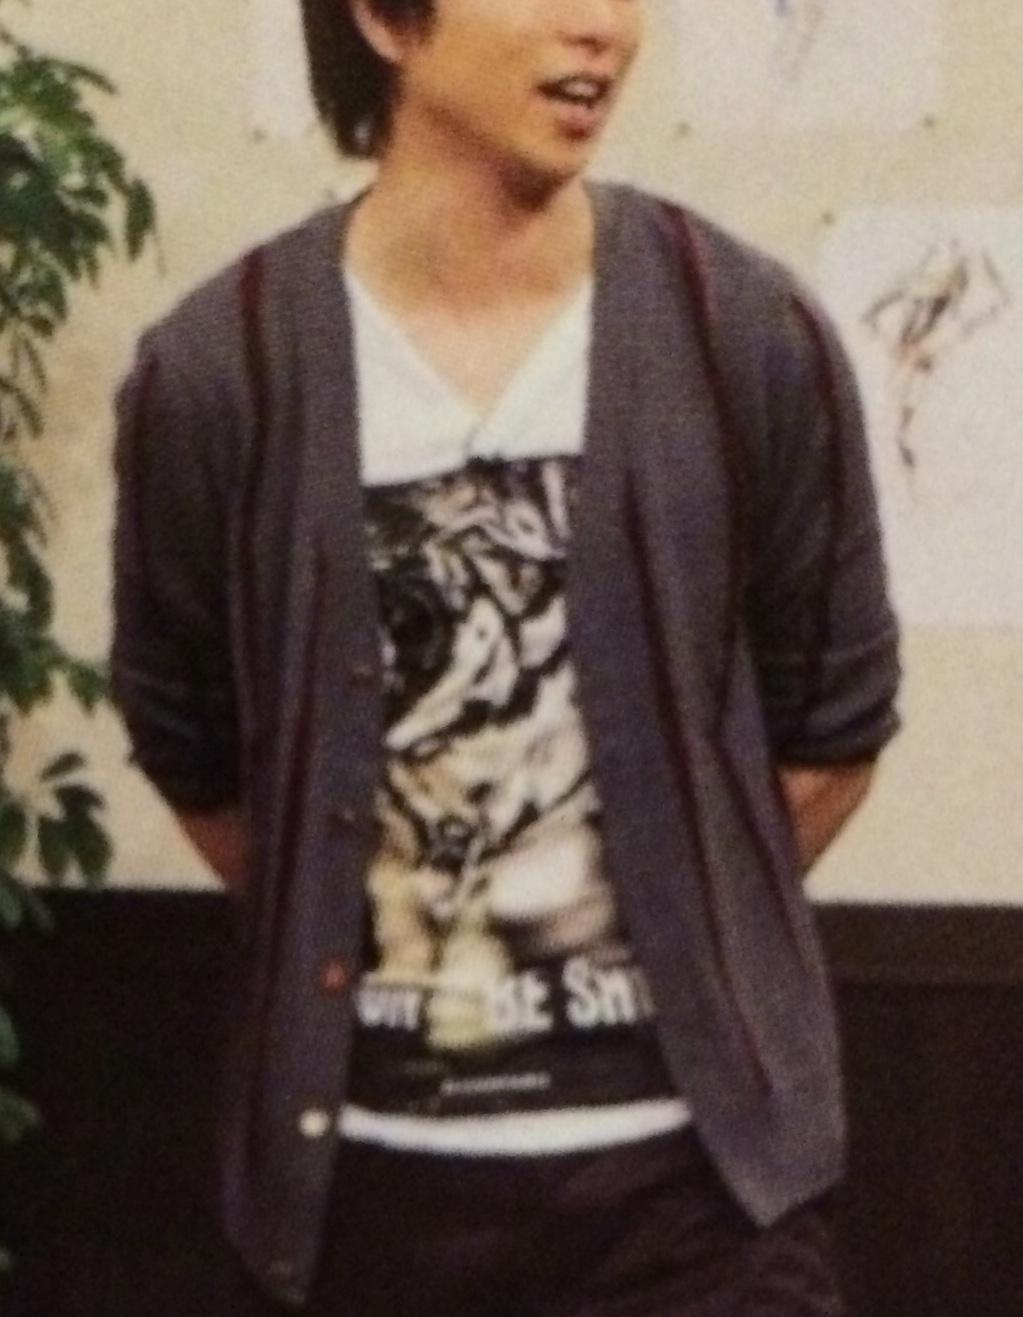 嵐衣装 櫻井翔さん10月25日嵐にしやがれ着用のカーディガン